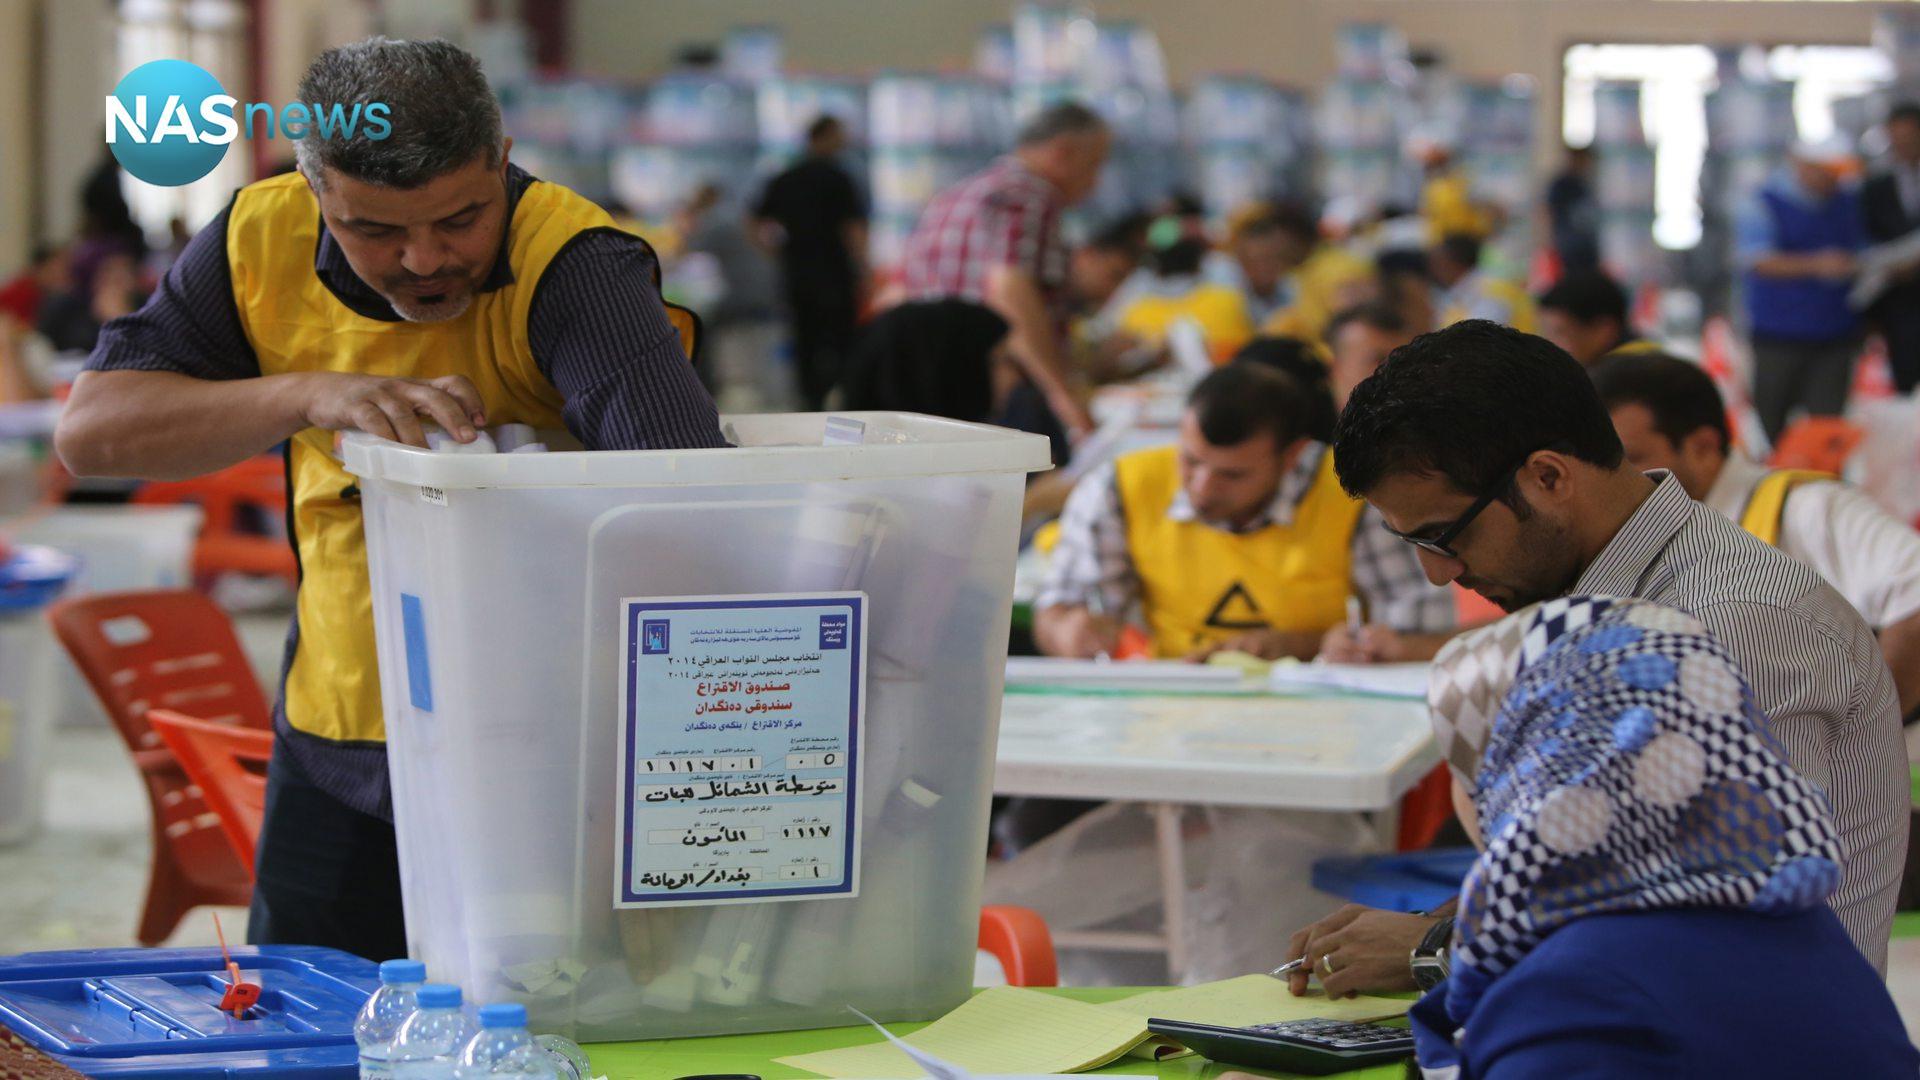 المفوضية العليا: مستعدون لإجراء الانتخابات في حزيران المقبل